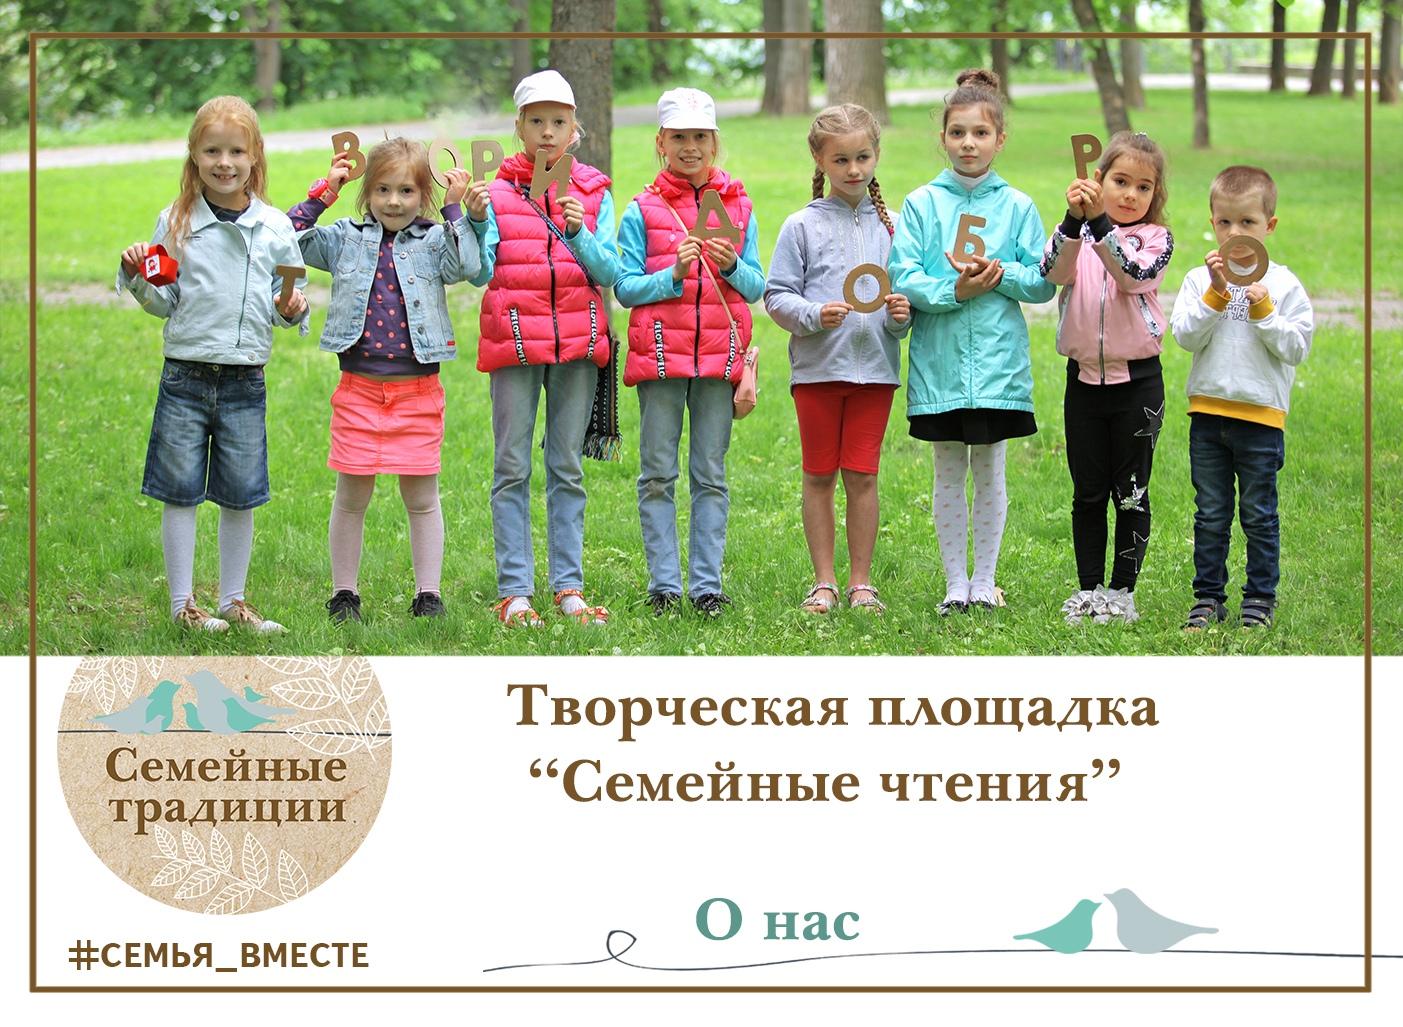 Могилевчан ижителей области приглашают насемейный фестиваль